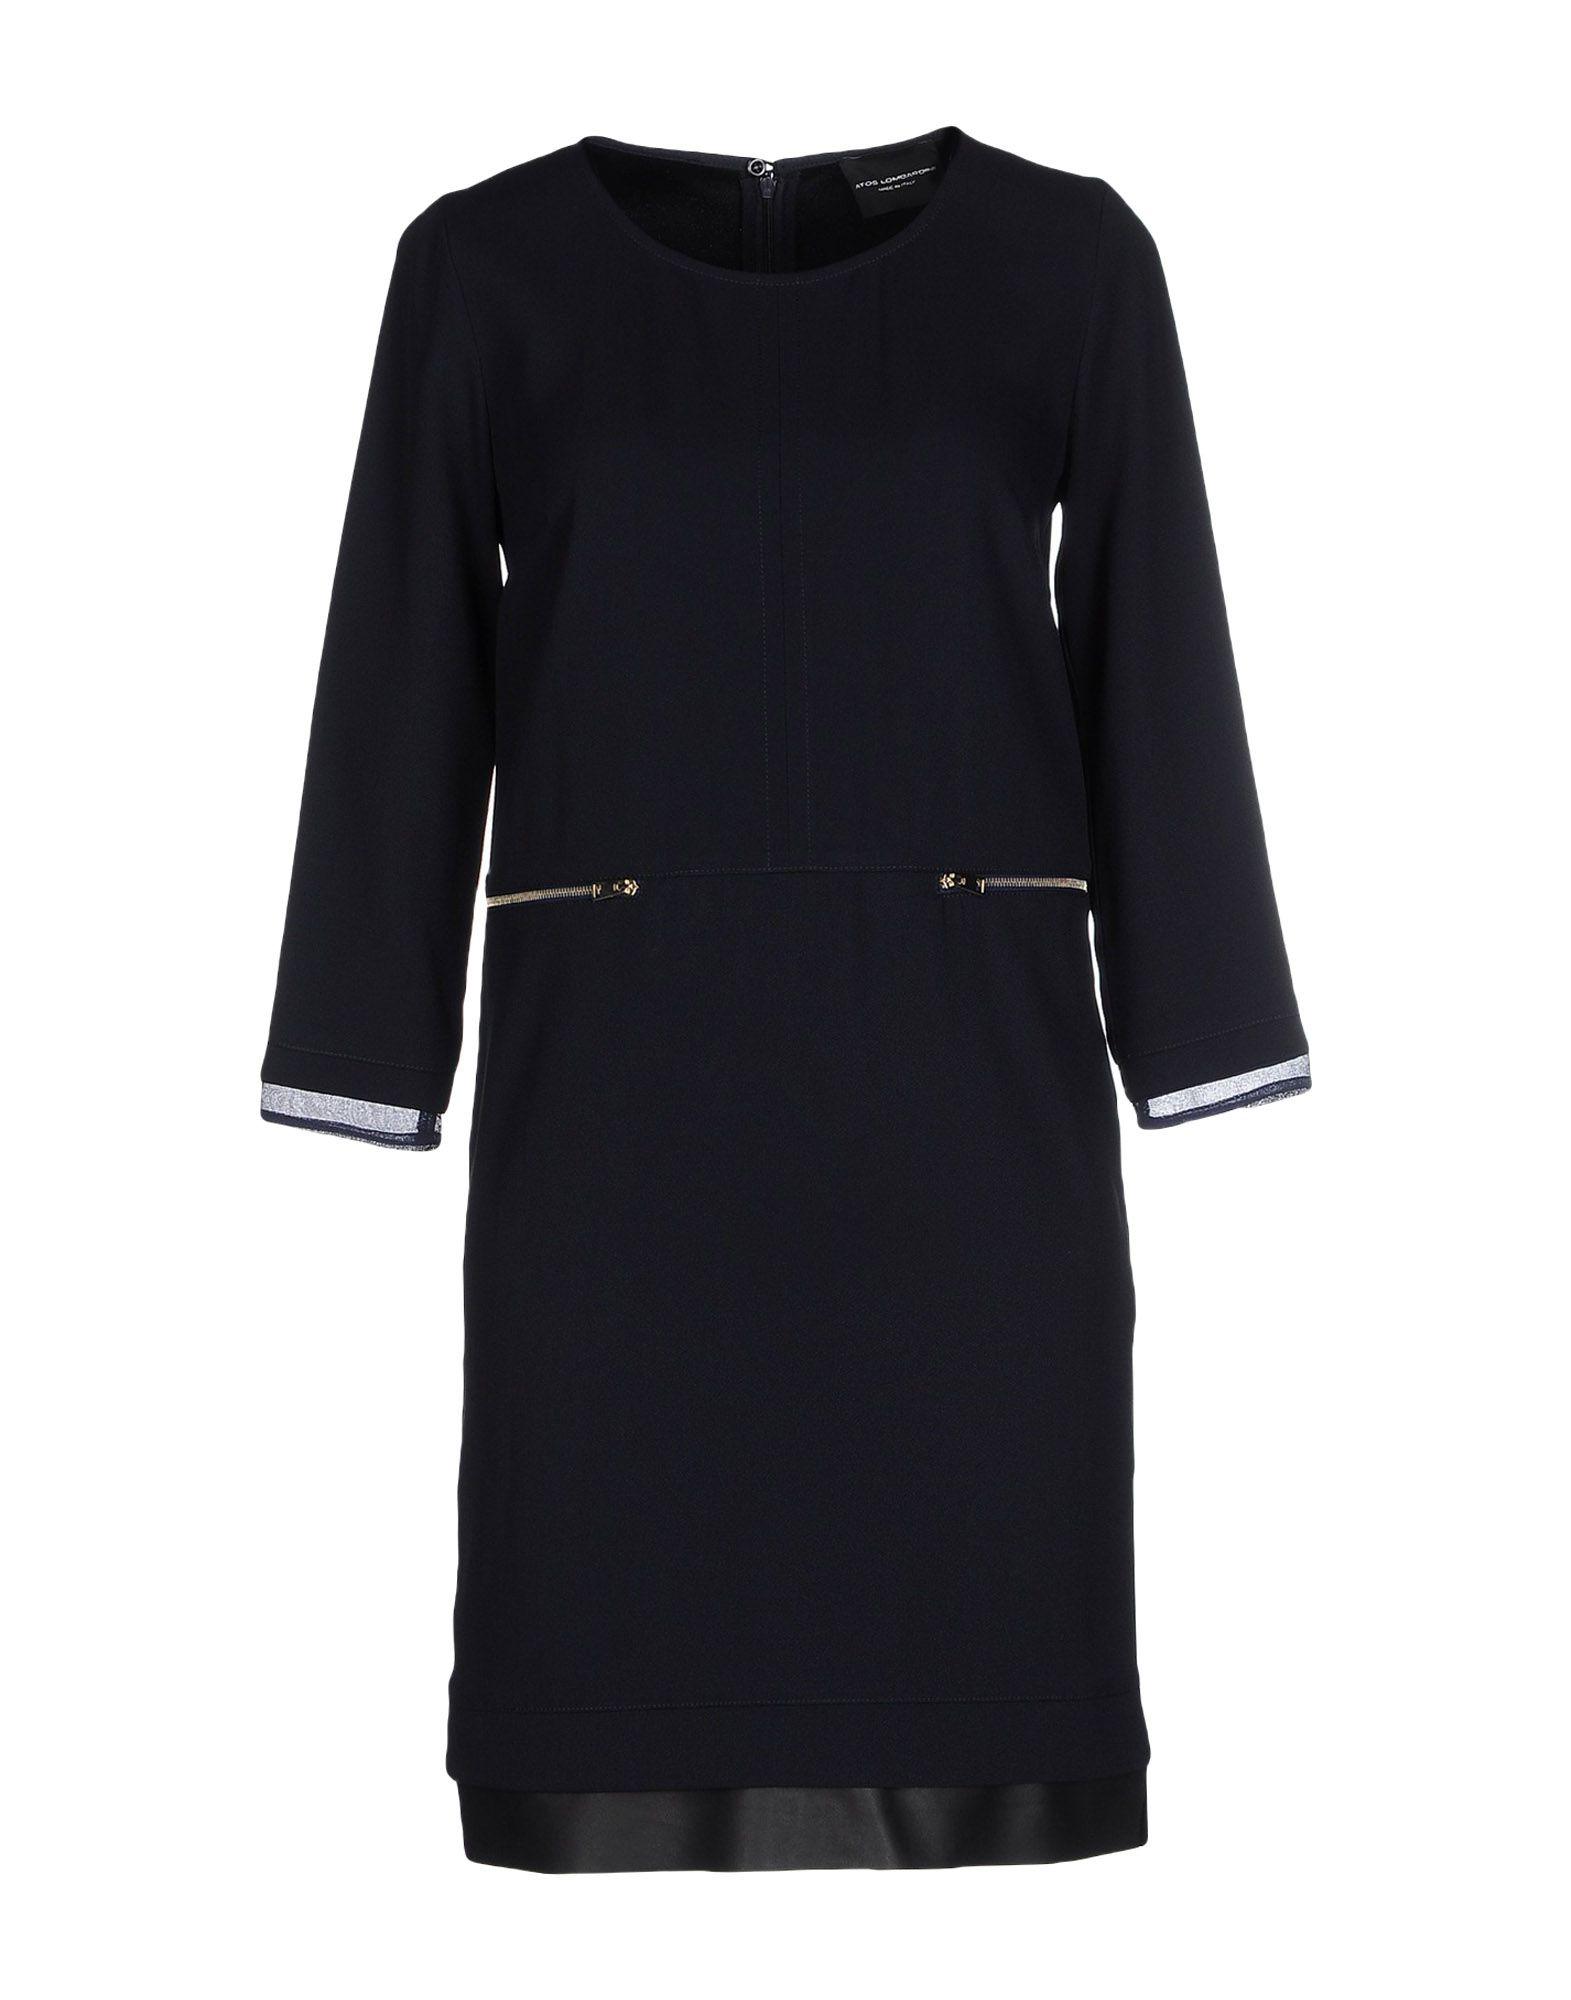 ATOS LOMBARDINI Damen Kurzes Kleid Farbe Dunkelblau Größe 2